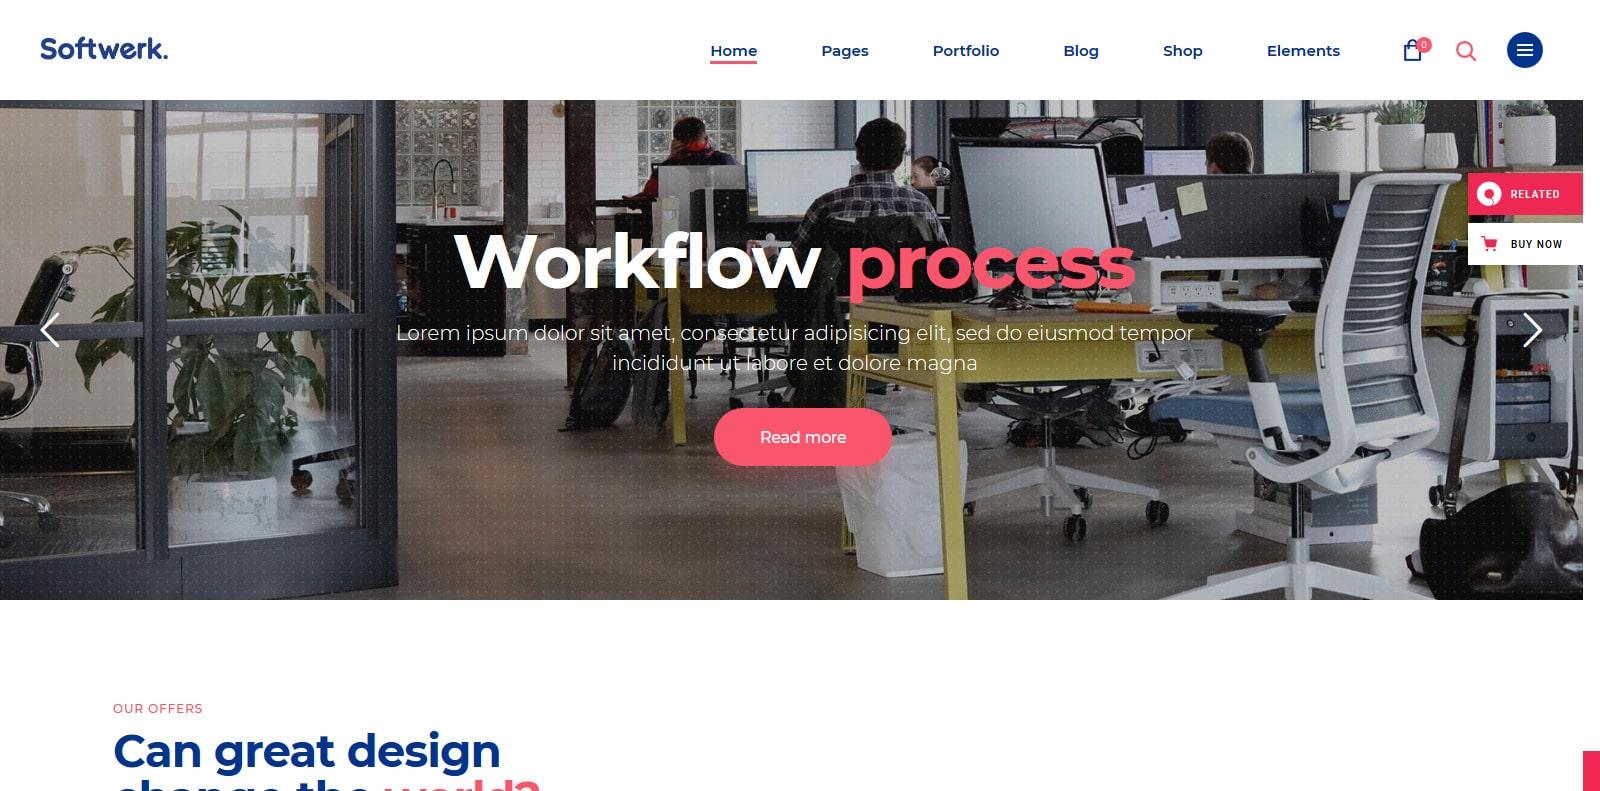 softwerk-software-website-template